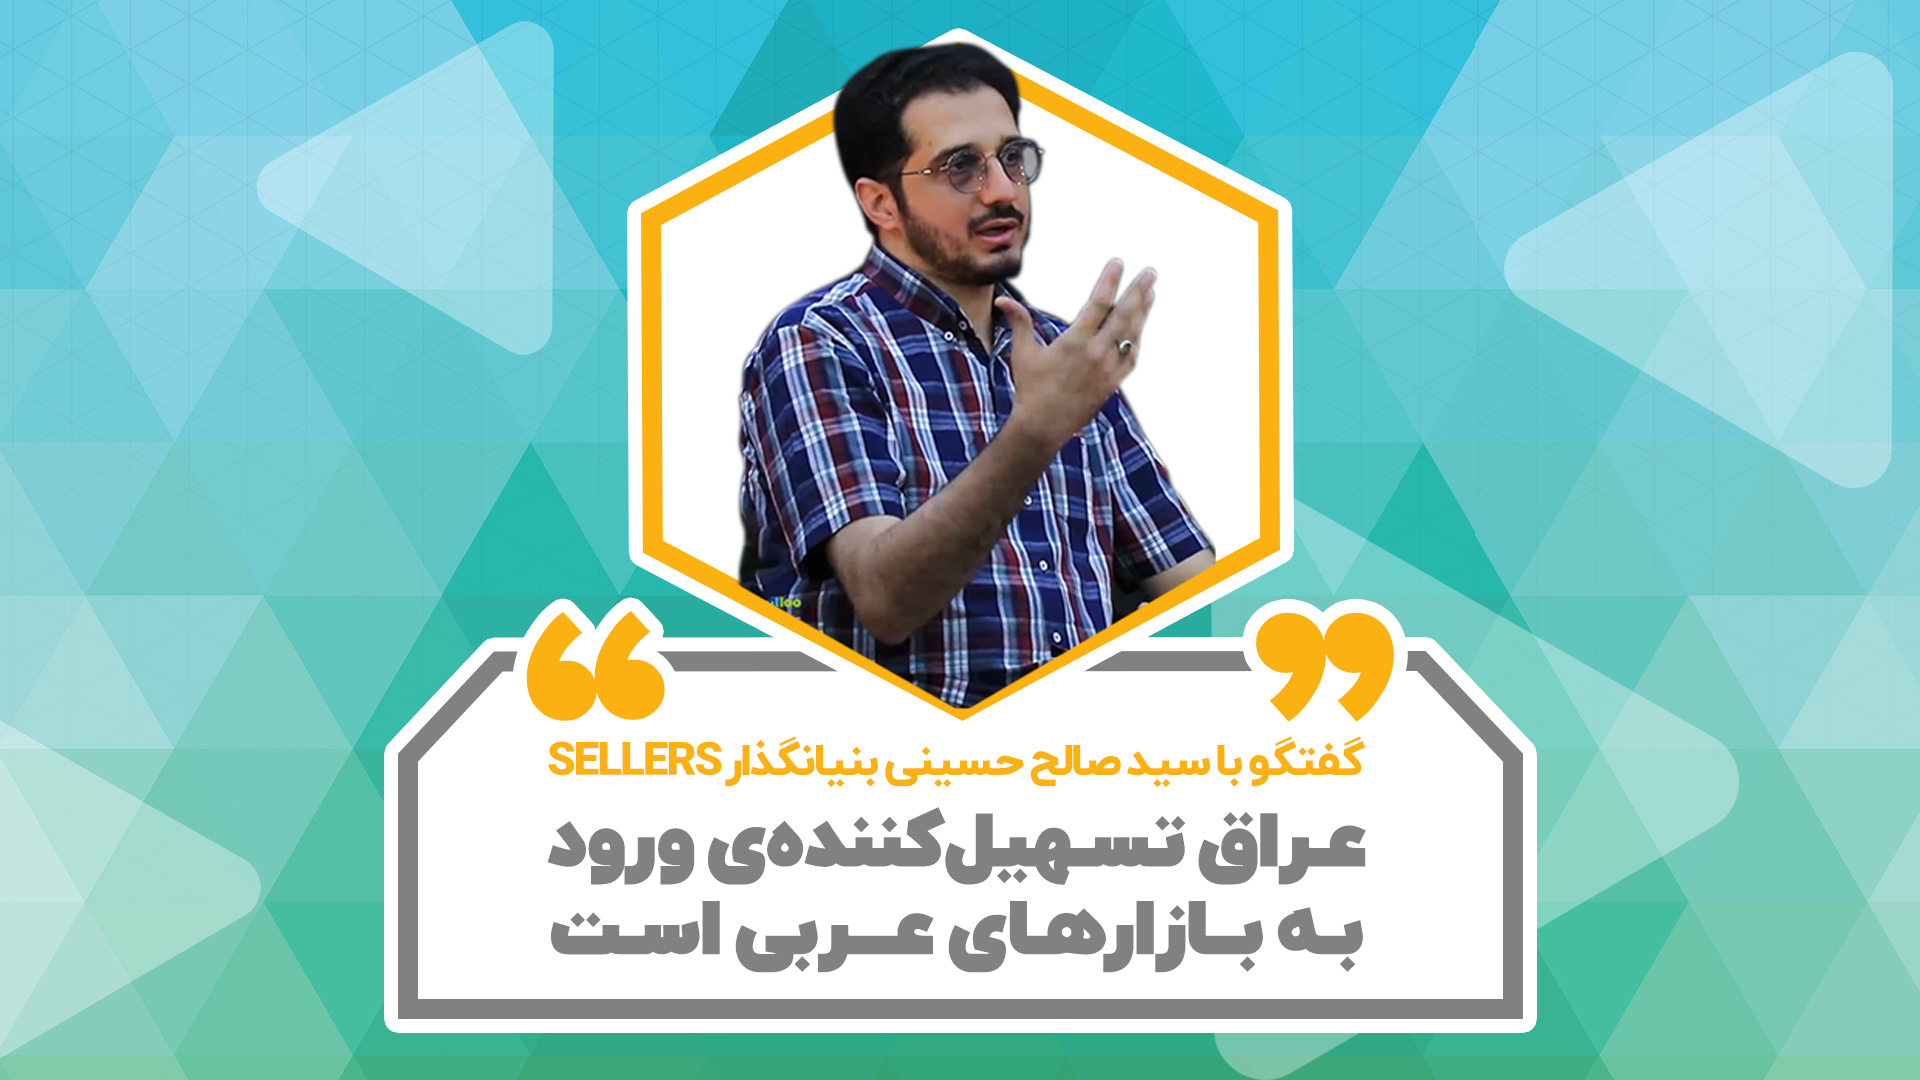 بازار عراق، سرمایه گذاری، شتابدهی، منتورینگ، بازارهای عربی، سید صالح طیب حسینی، سید صالح حسینی